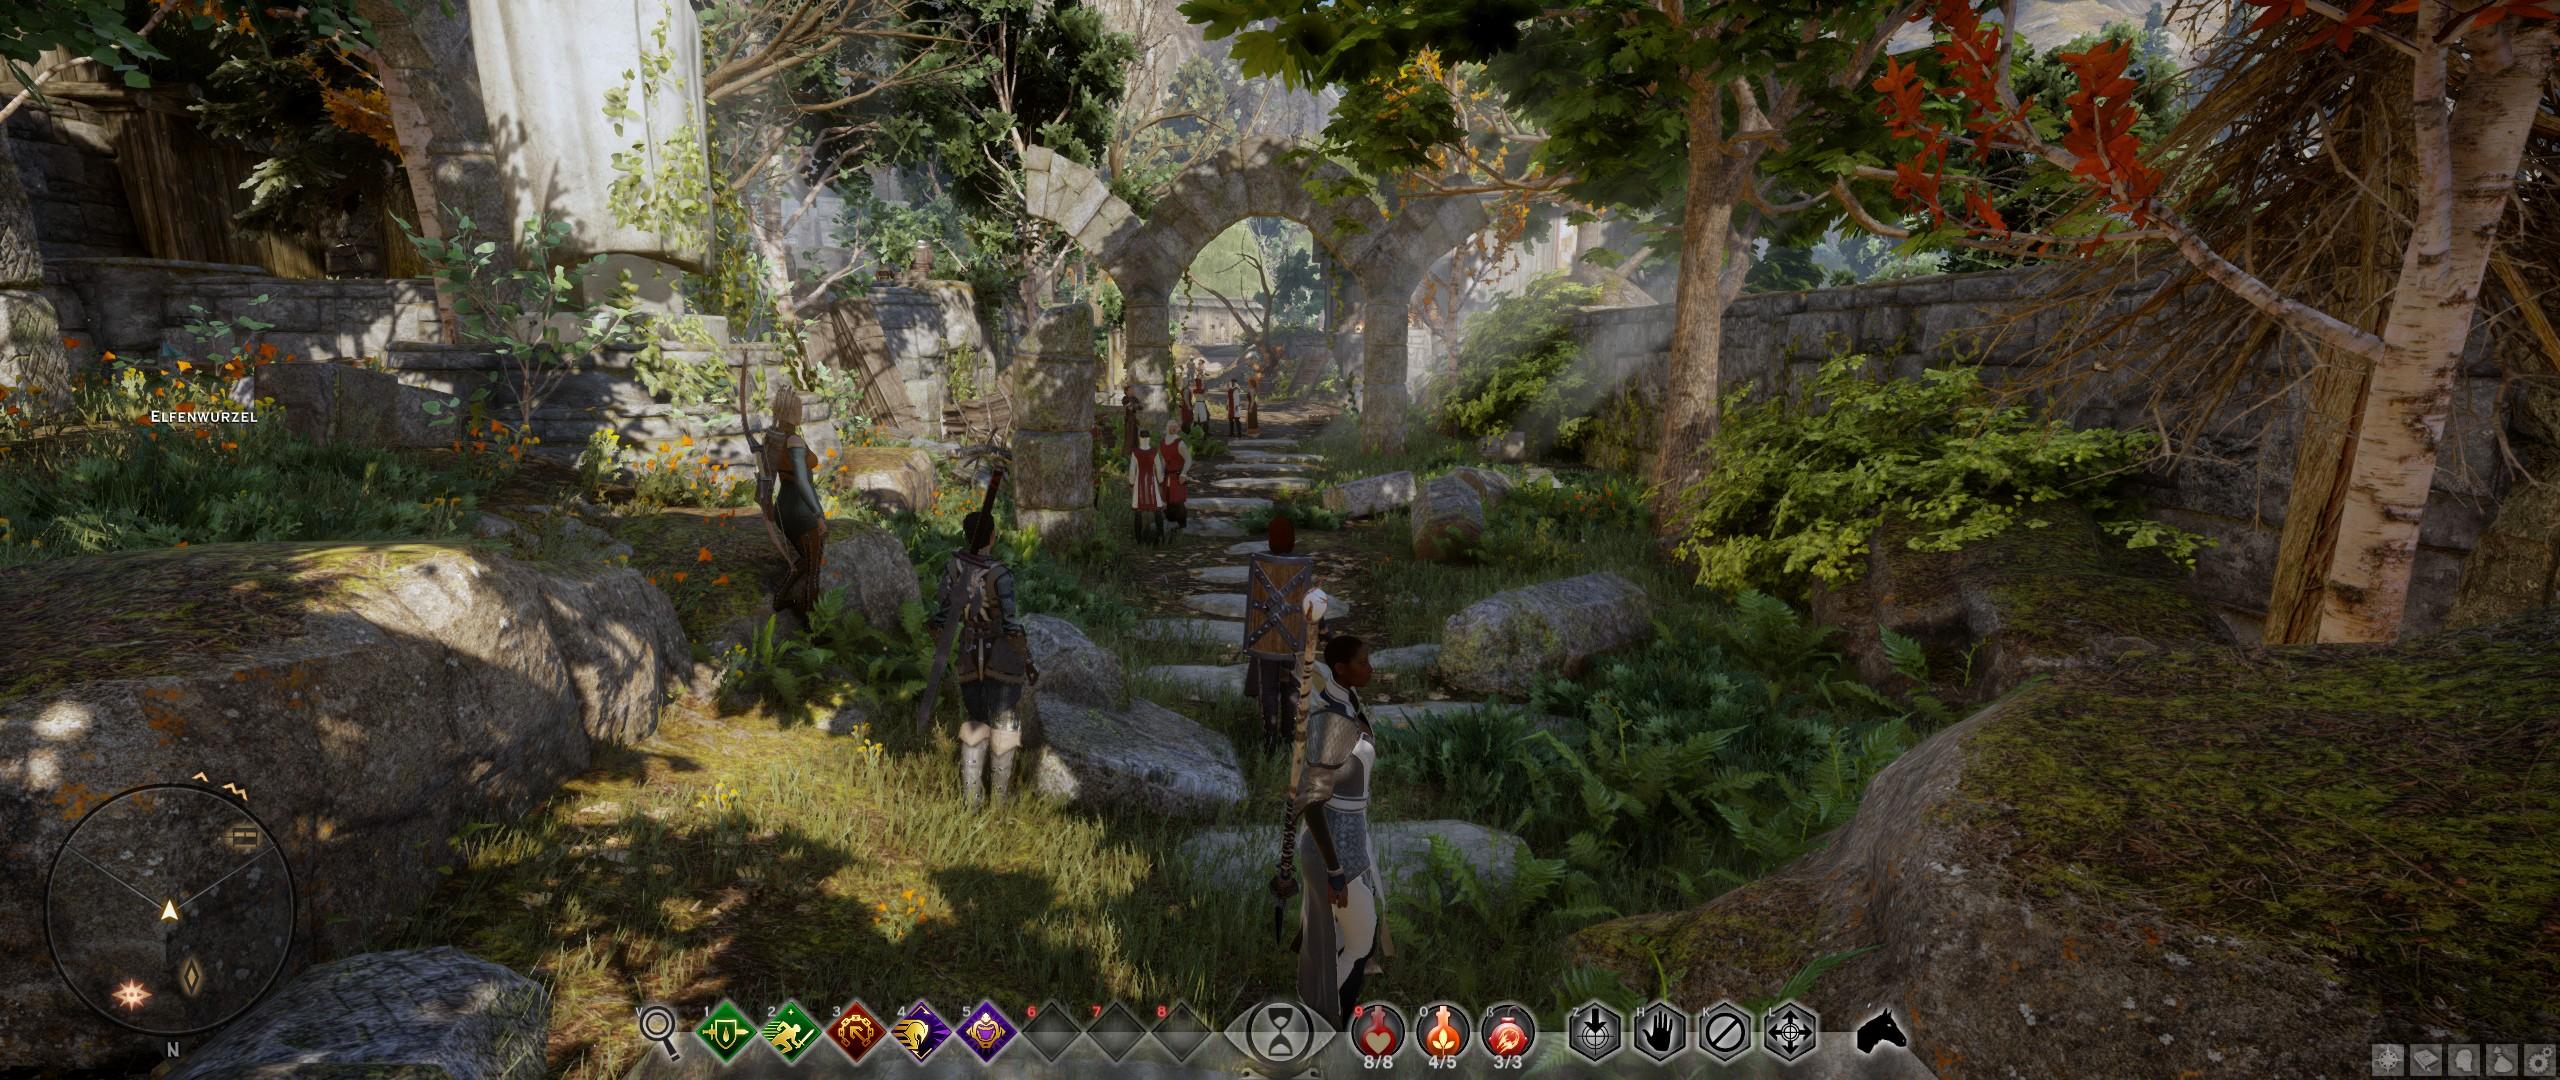 ScreenshotWin32_0026_Final